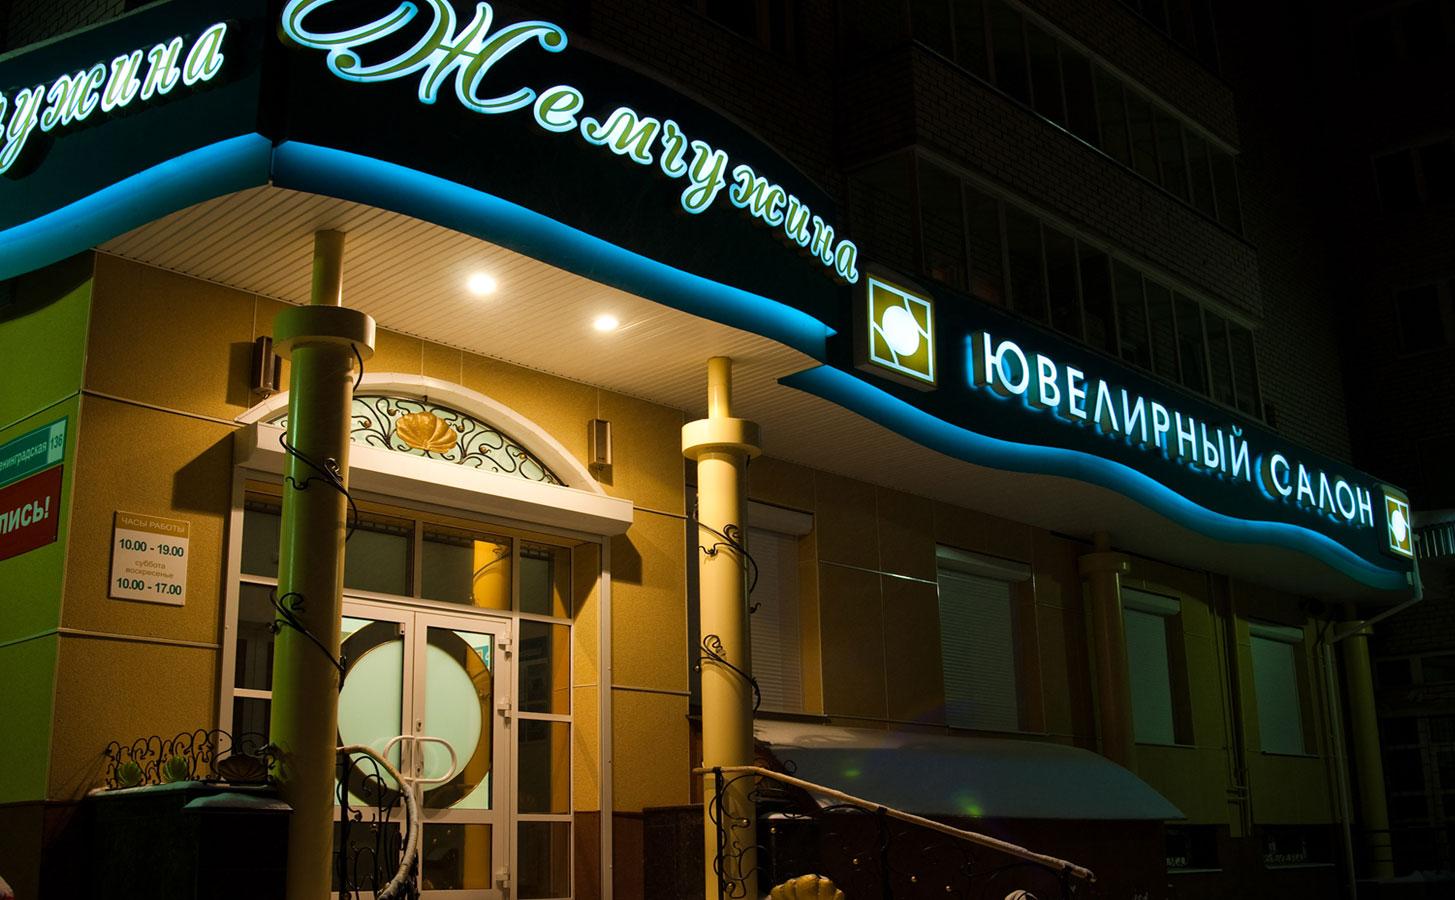 Ювелирный салон Жемчужина Ленинградская 136 (фото 1)